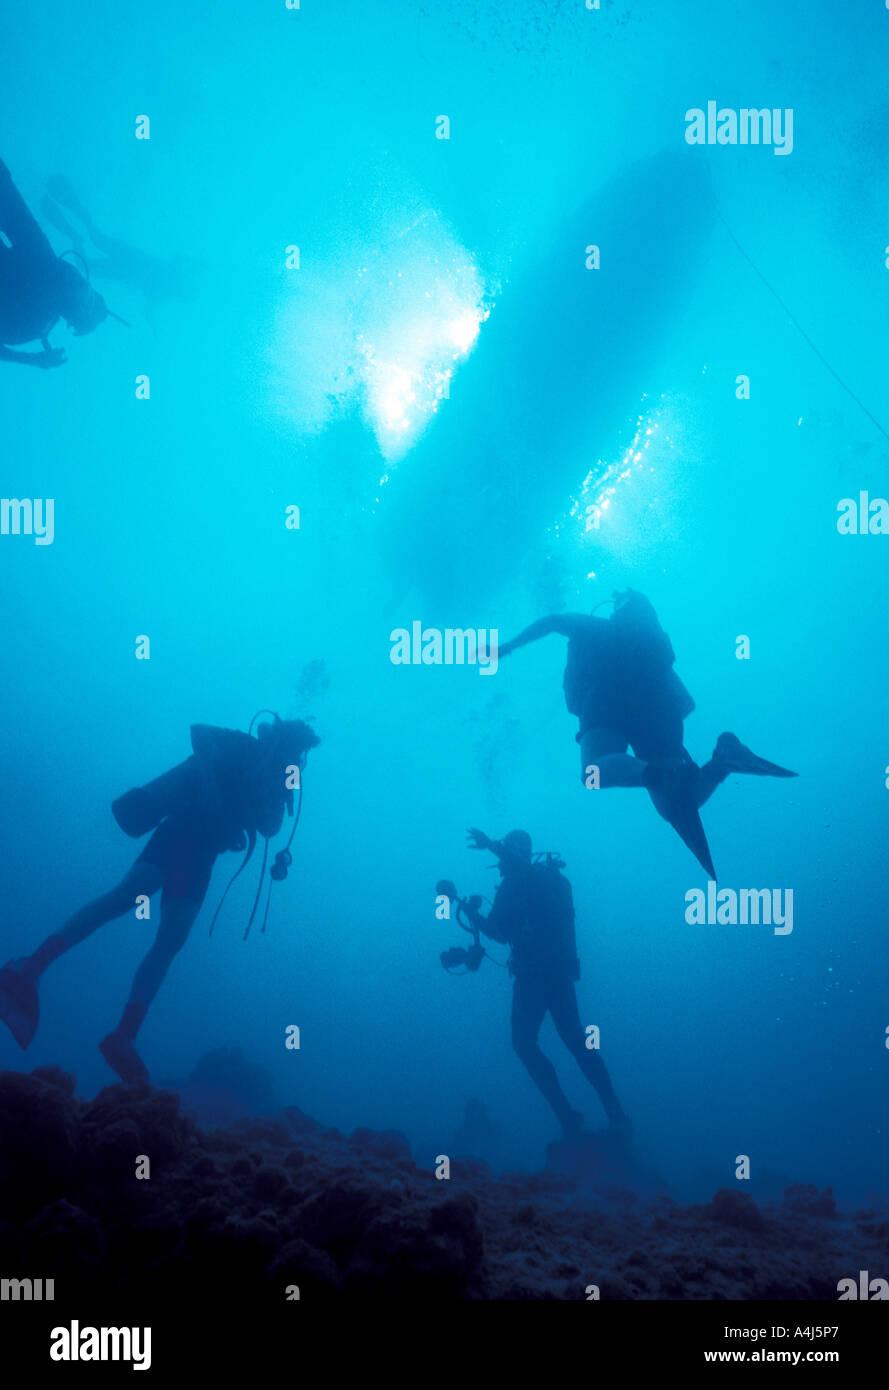 Buzos submarinos siluetas nadar a la superficie con el barco de buceo y el sol brillante en segundo plano. Imagen De Stock